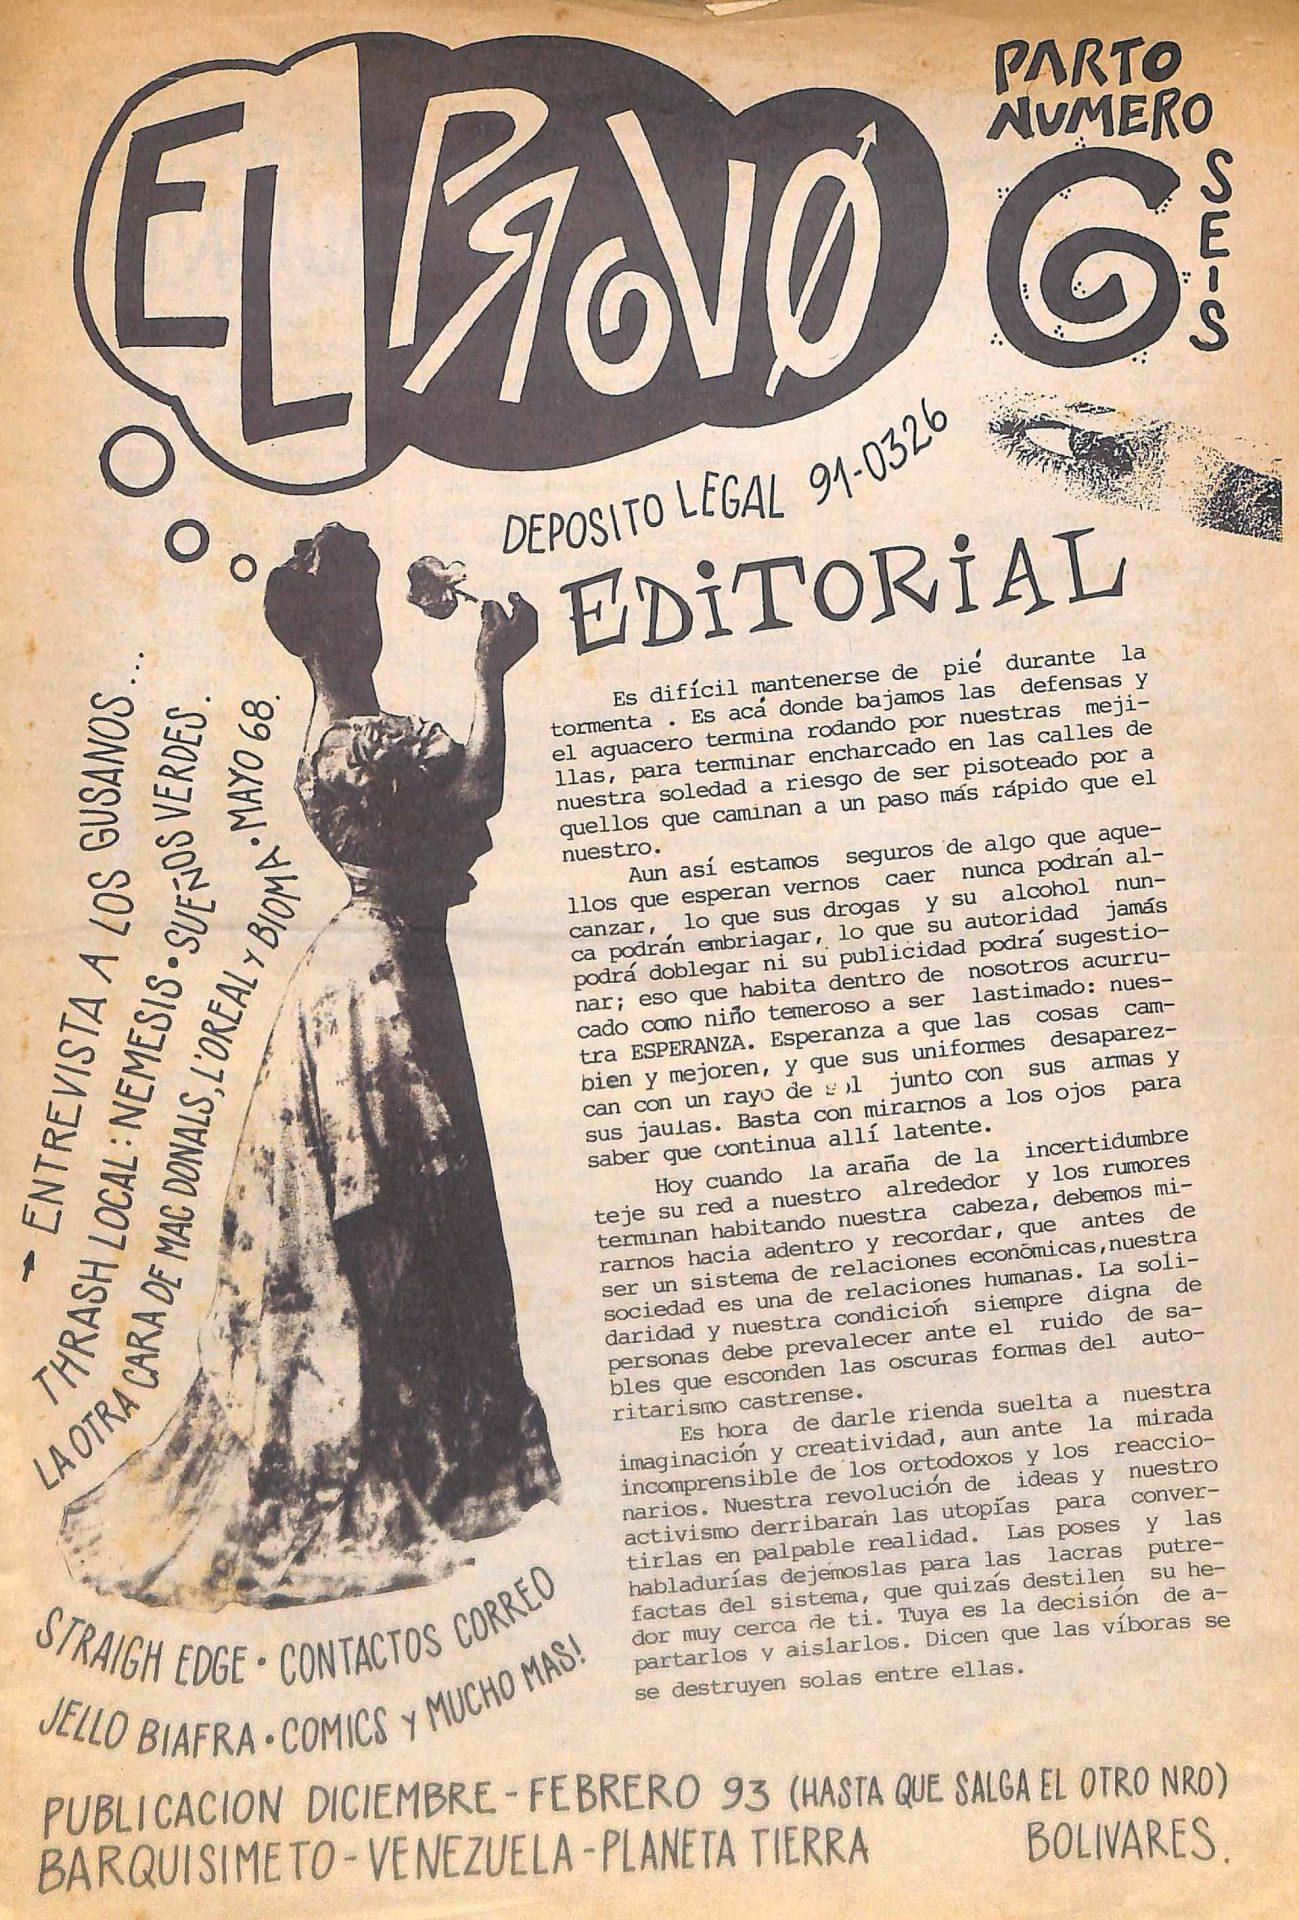 El Provo No. 6, 1993